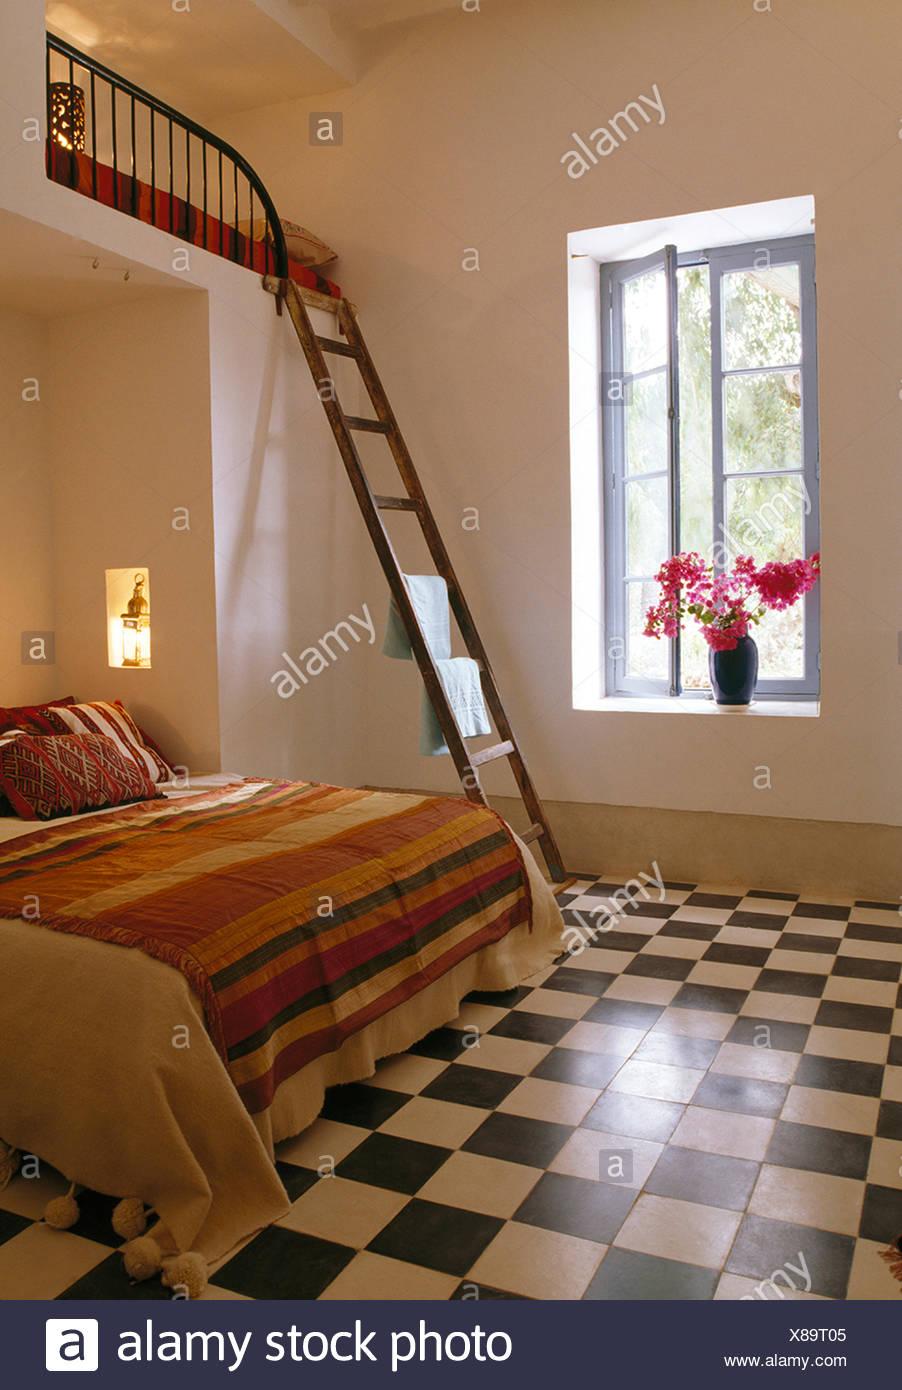 Noir Blanc Carrelage En Damier Marocain Moderne Chambre Avec Bain A Cote De Lit Mezzanine Photo Stock Alamy